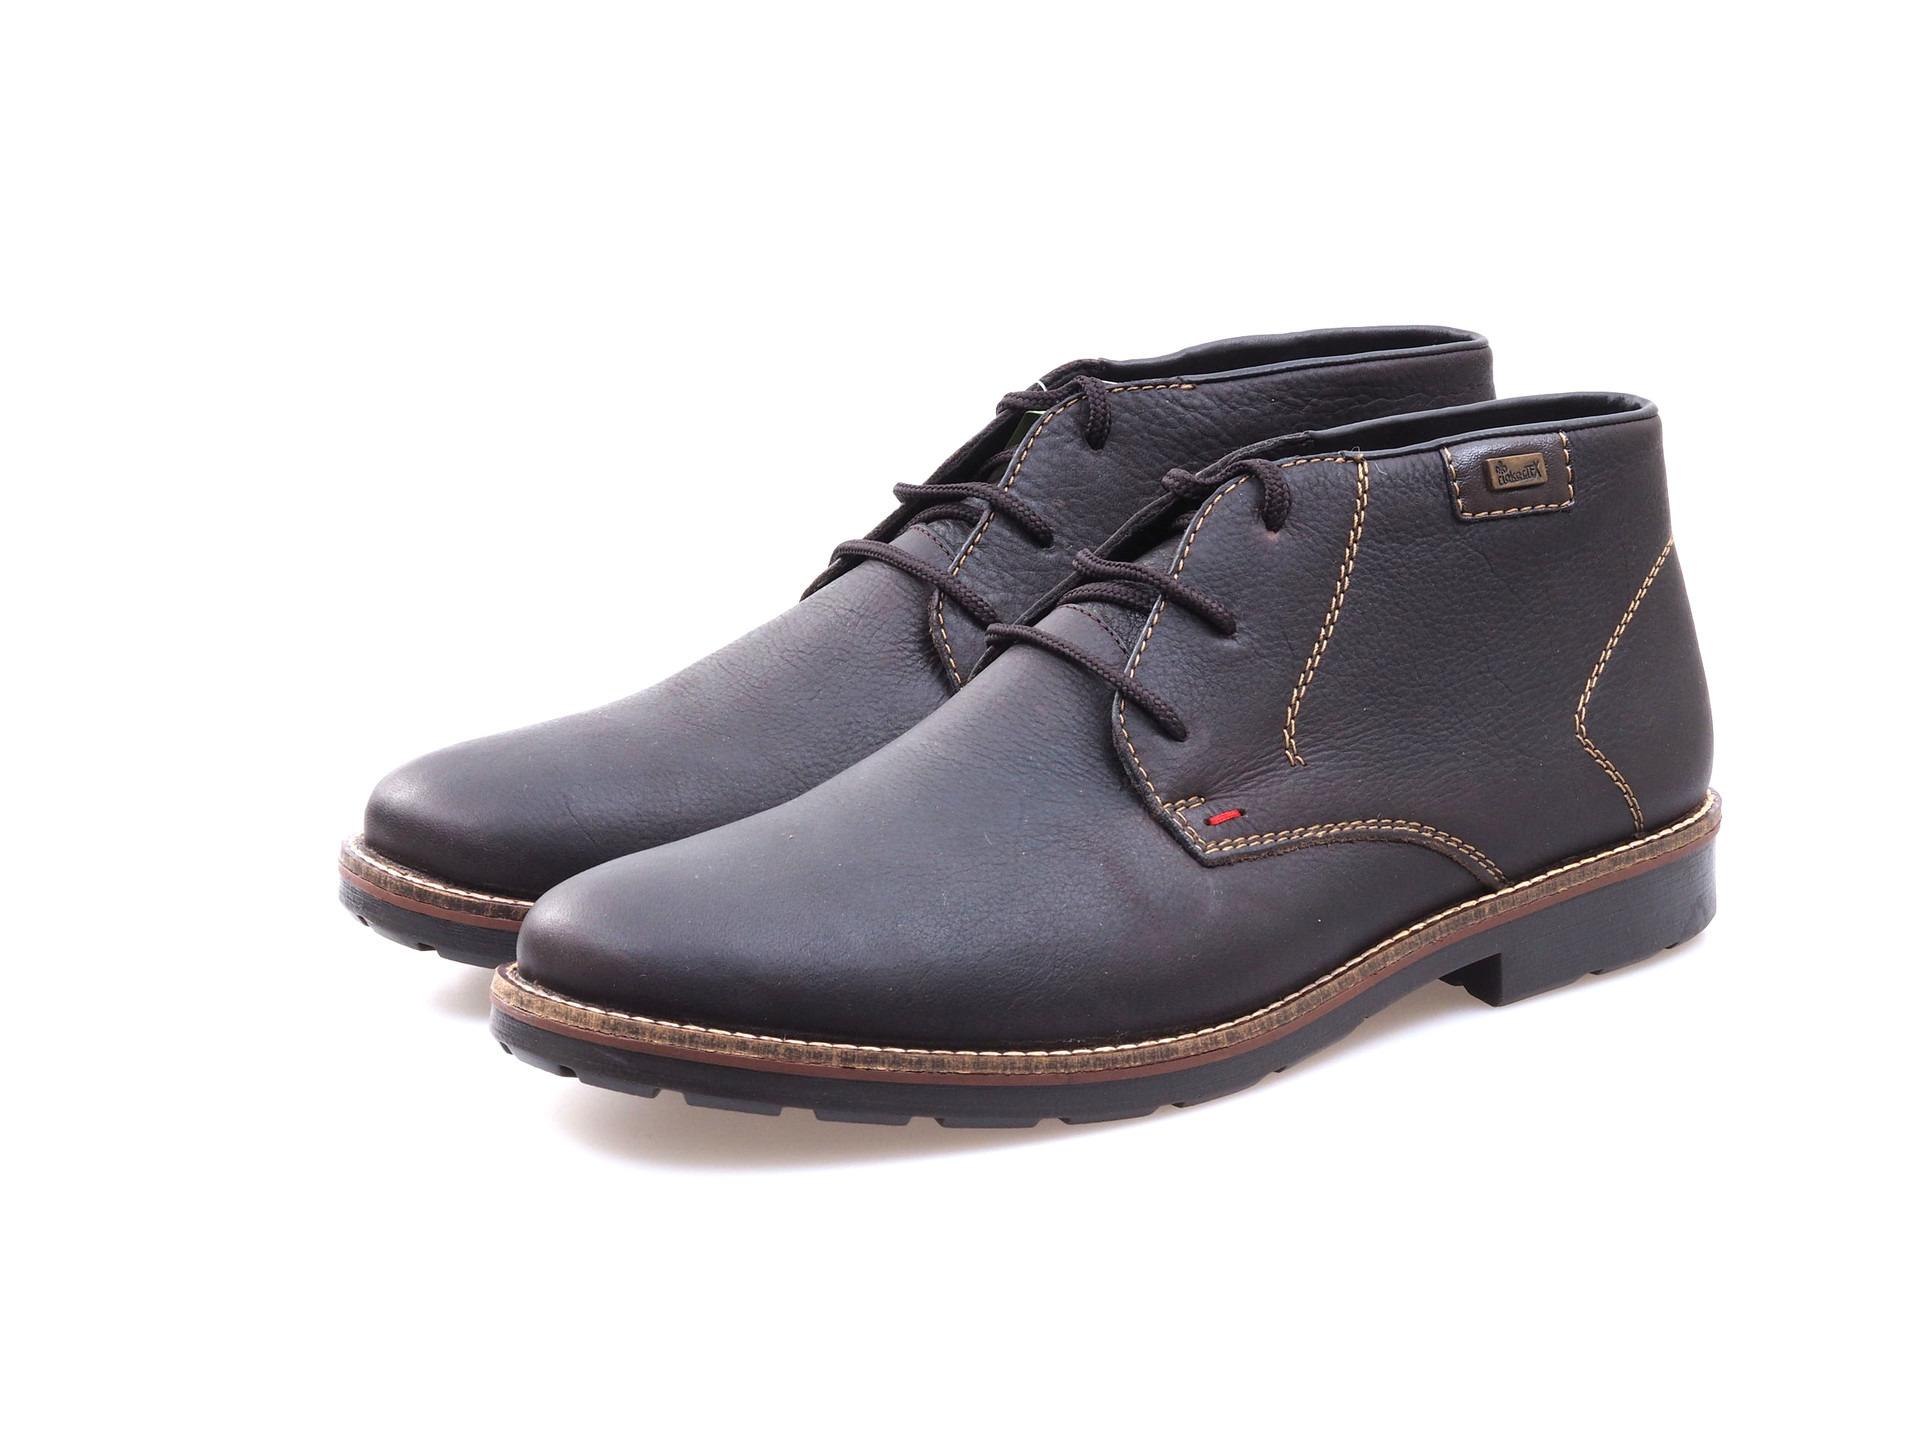 Soňa - Pánska obuv - Zimná - Hnedé kožené topánky Rieker na šnurovanie 7241c6bc75e